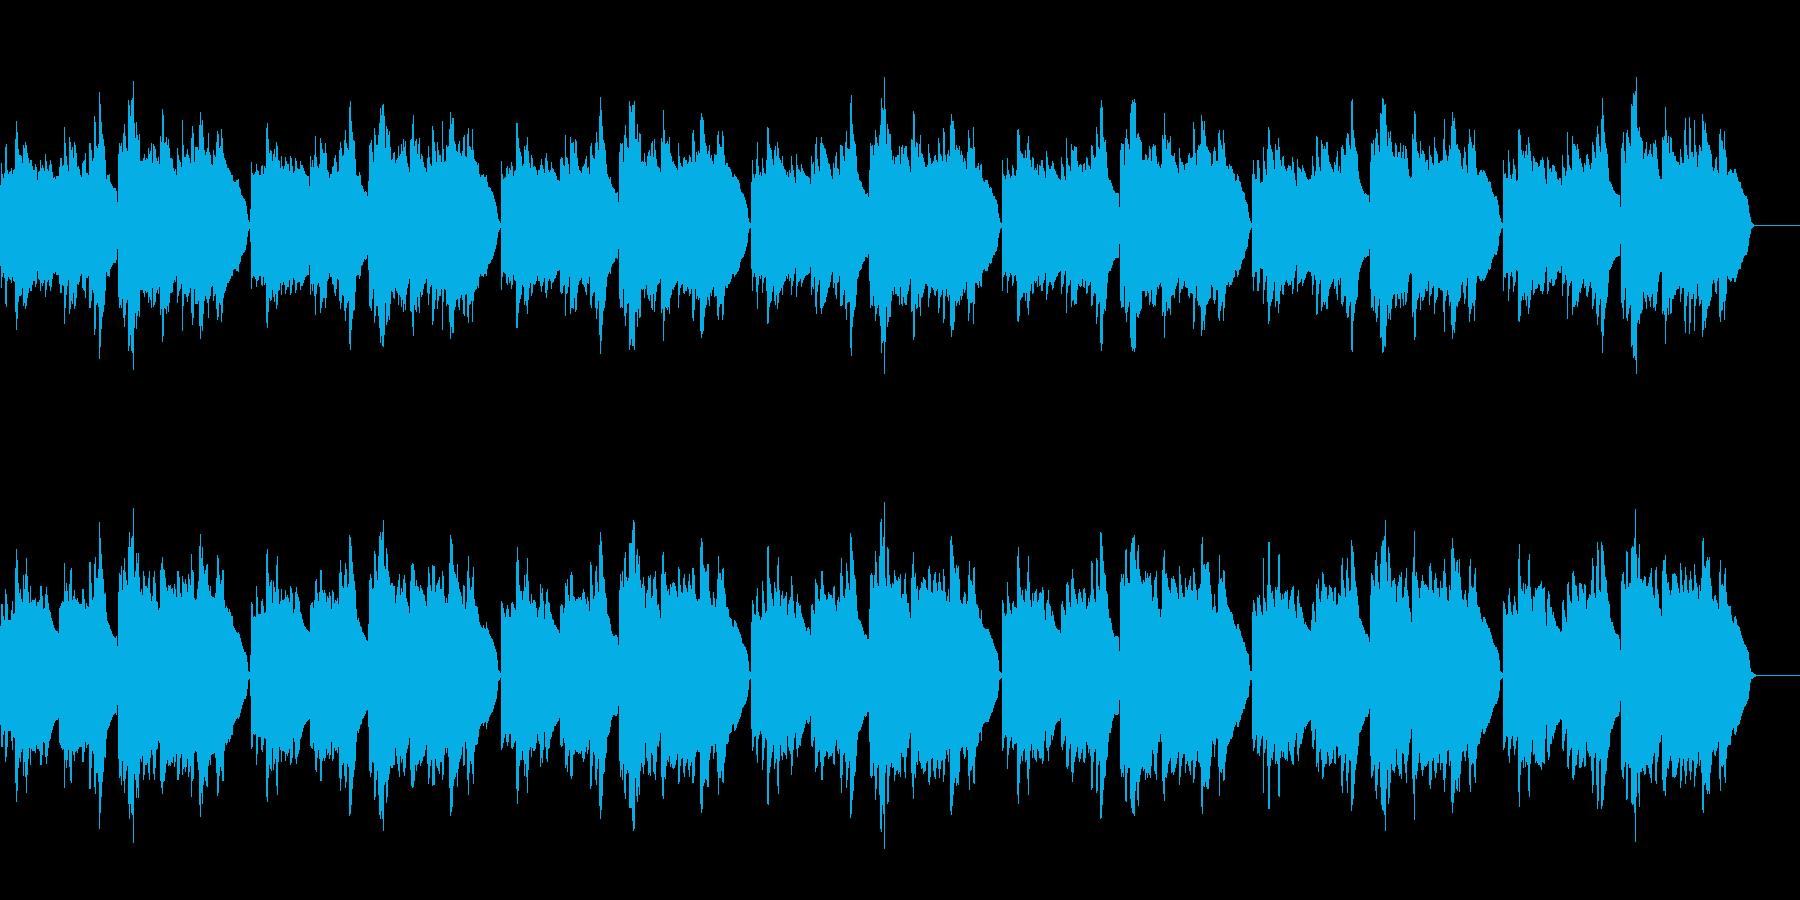 「ふるさと」のハーモニカソロの再生済みの波形